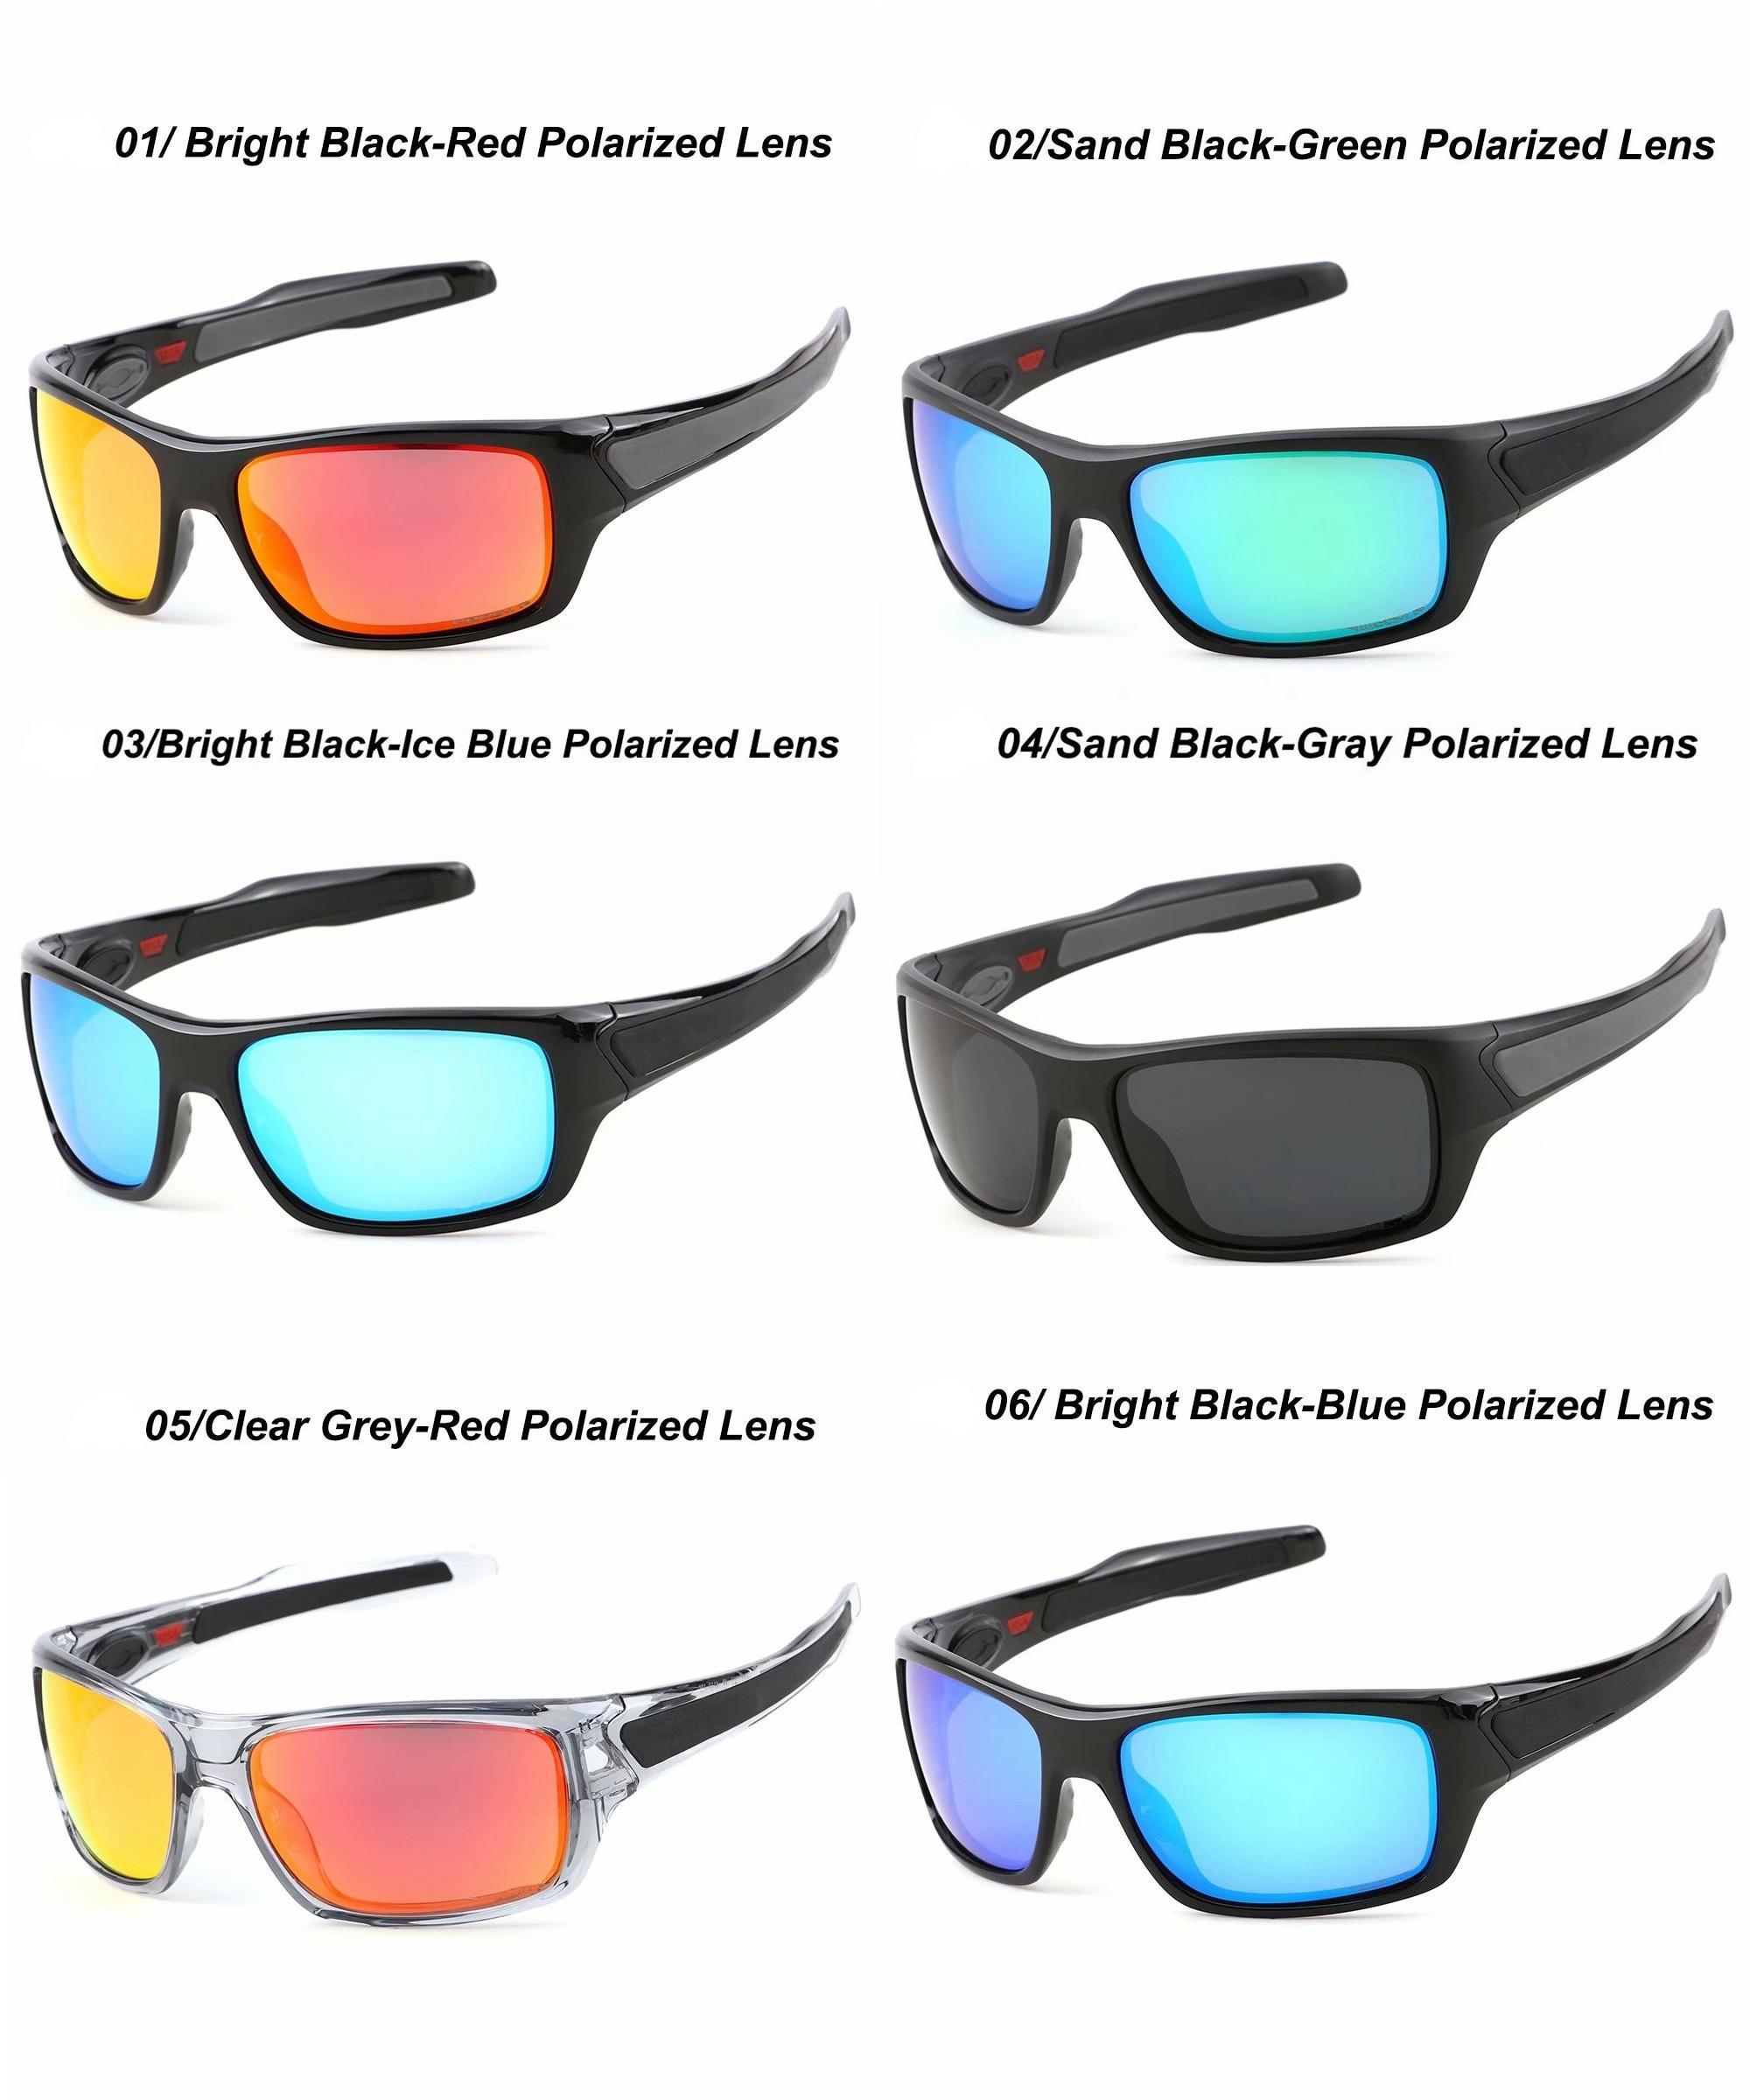 Tr90 الكلاسيكية الاستقطاب النظارات الرجال النساء أزياء تصميم القيادة مربع الإطار الشمس نظارات الذكور حملق uv400 gafas دي سول 5 قطع سفينة سريعة